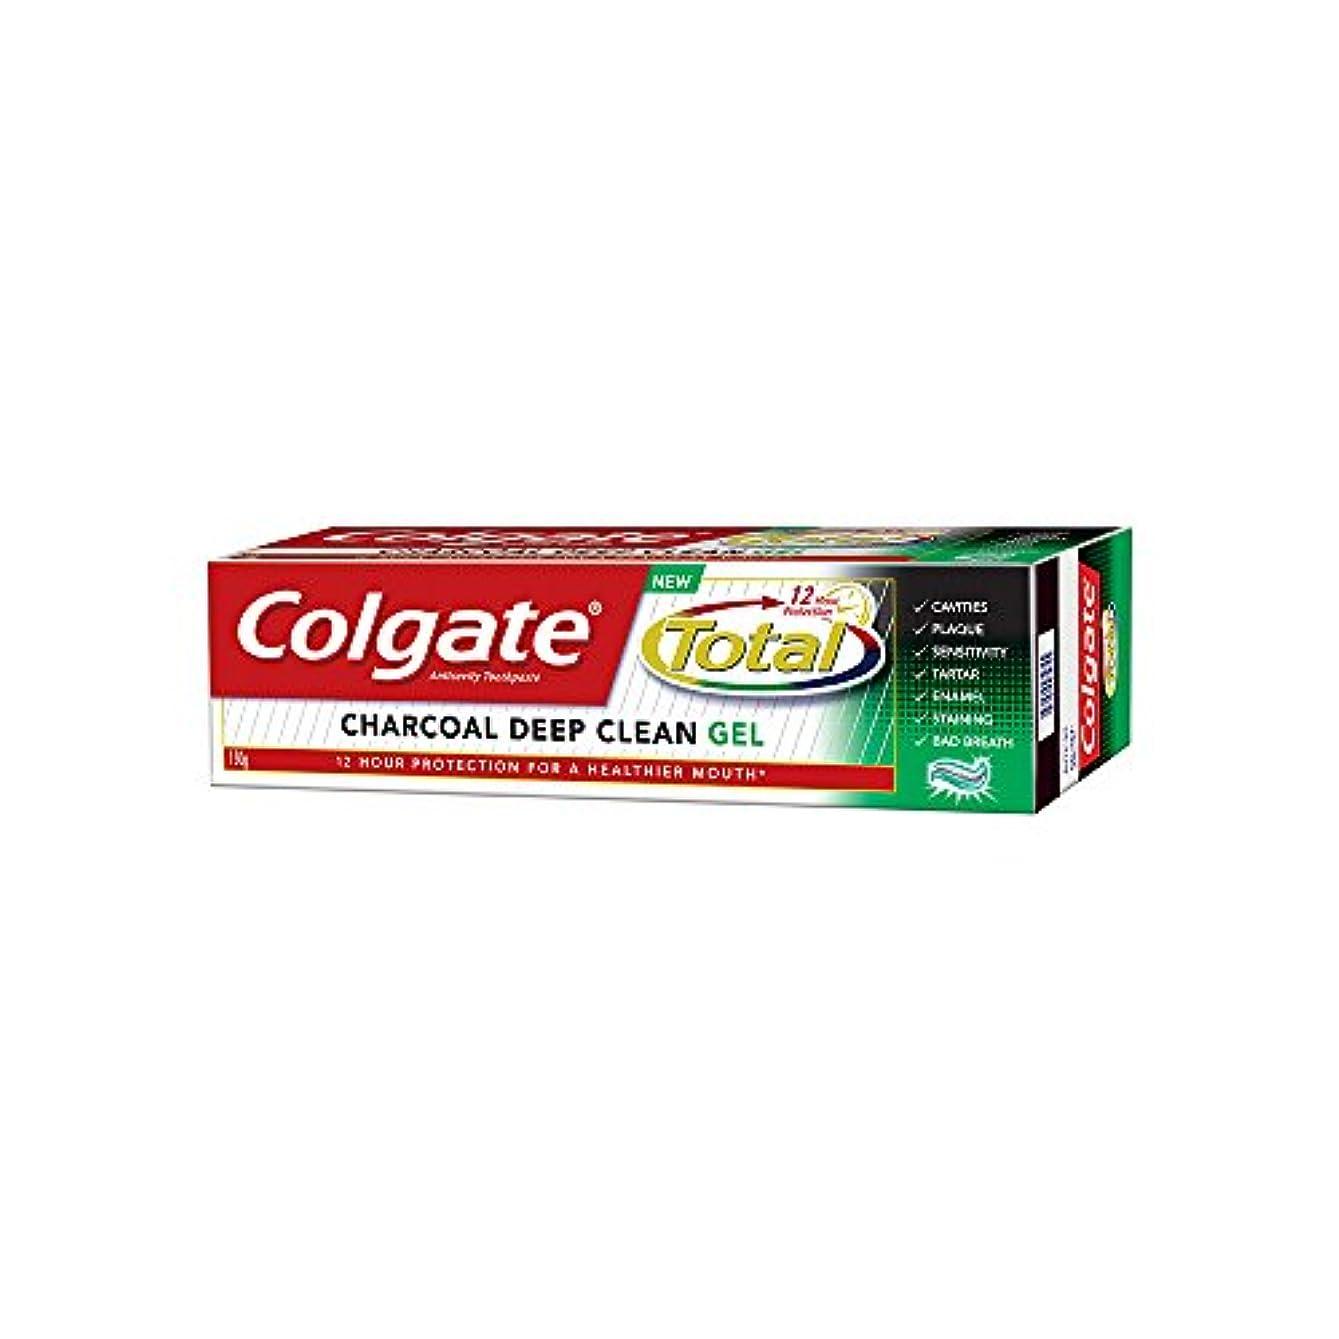 潜水艦略すむしろ(コルゲート)Colgate CHARCOAL DEEP CLEAN GEL 歯磨き粉 Total (150g, チャコール ディープクリーン)